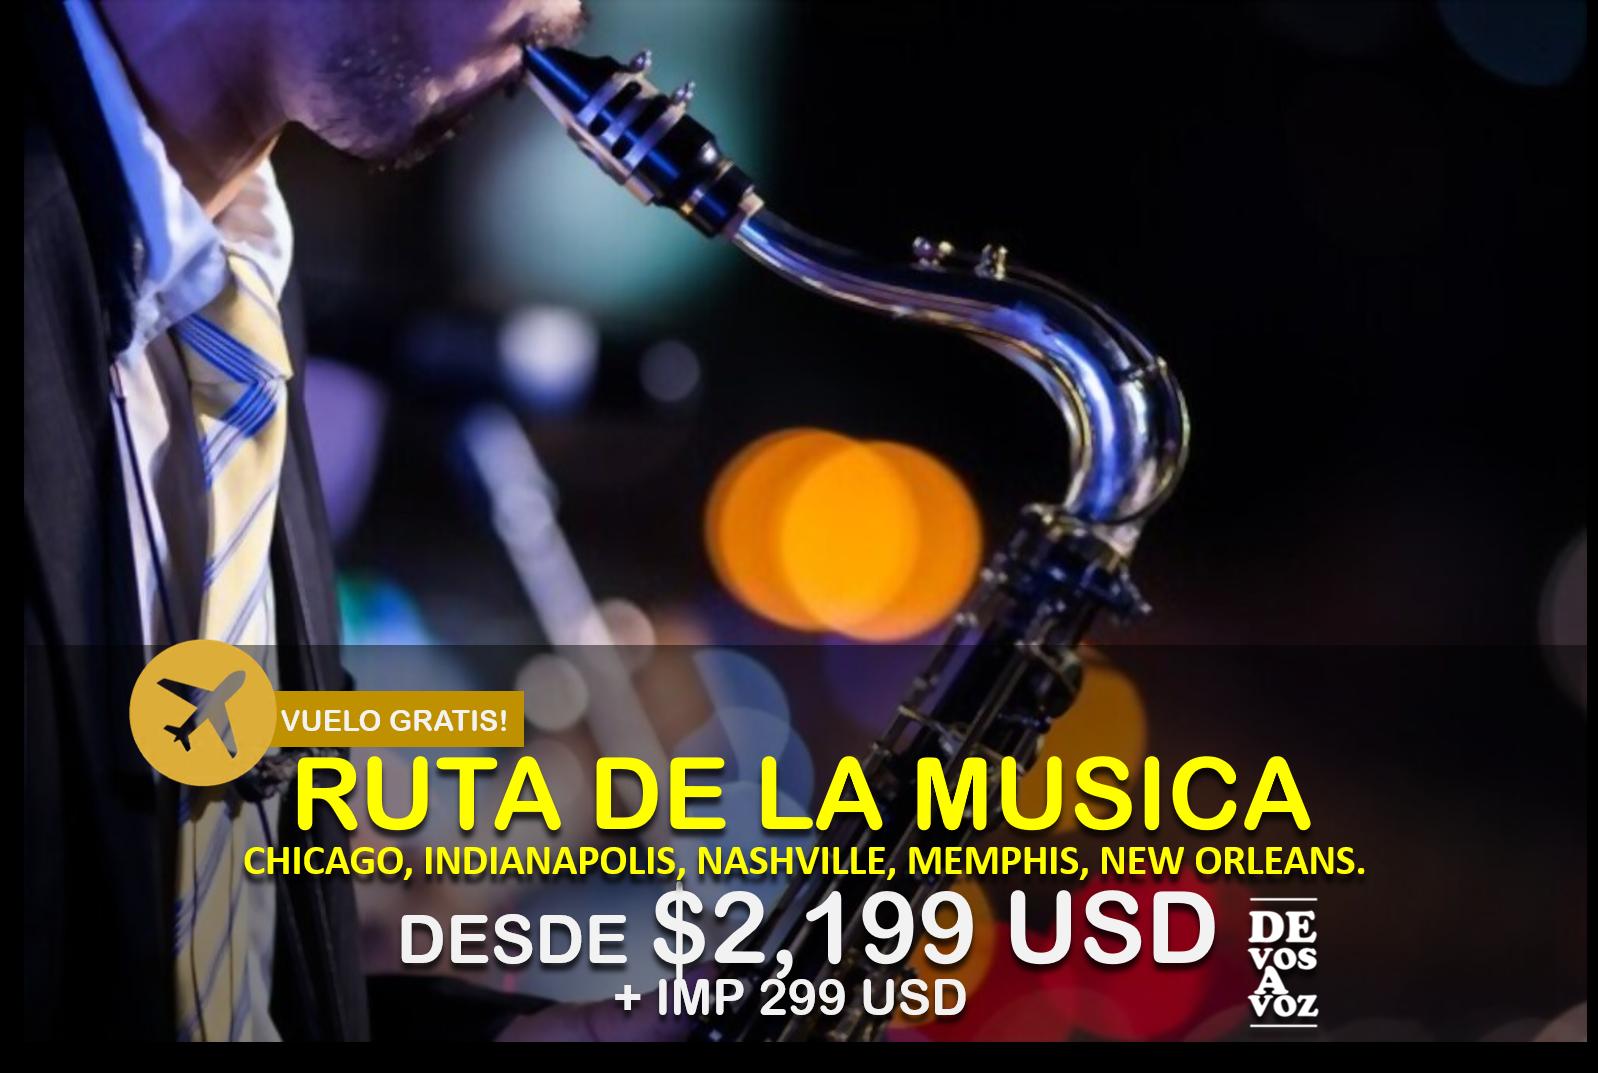 RUTA DE LA MUSICA